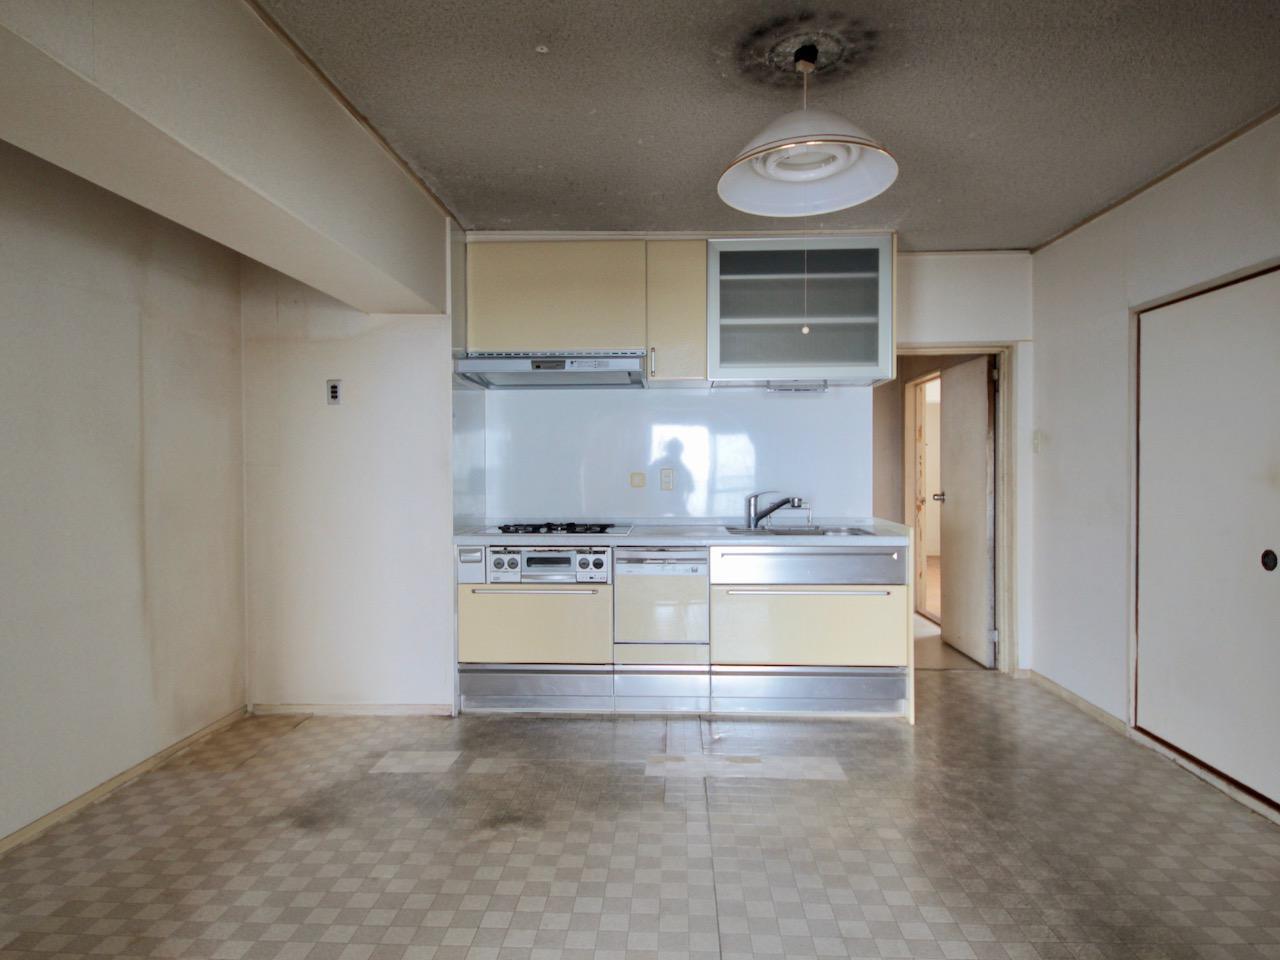 キッチンは比較的新しい